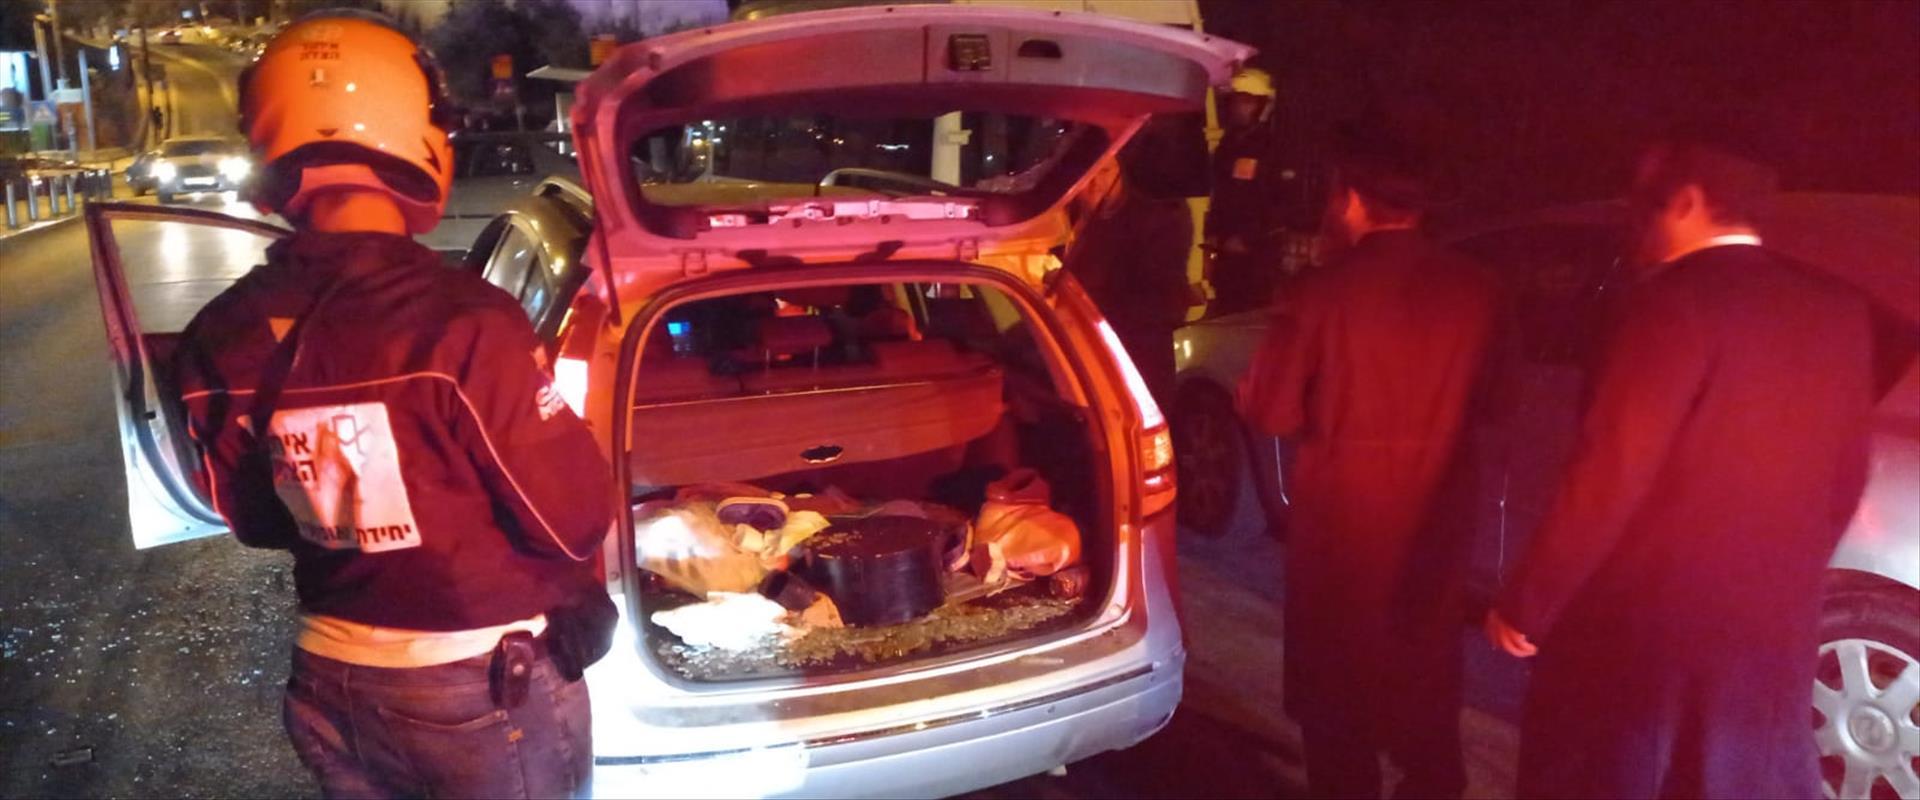 רכב שנפגע מאבנים סמוך לשער שכם